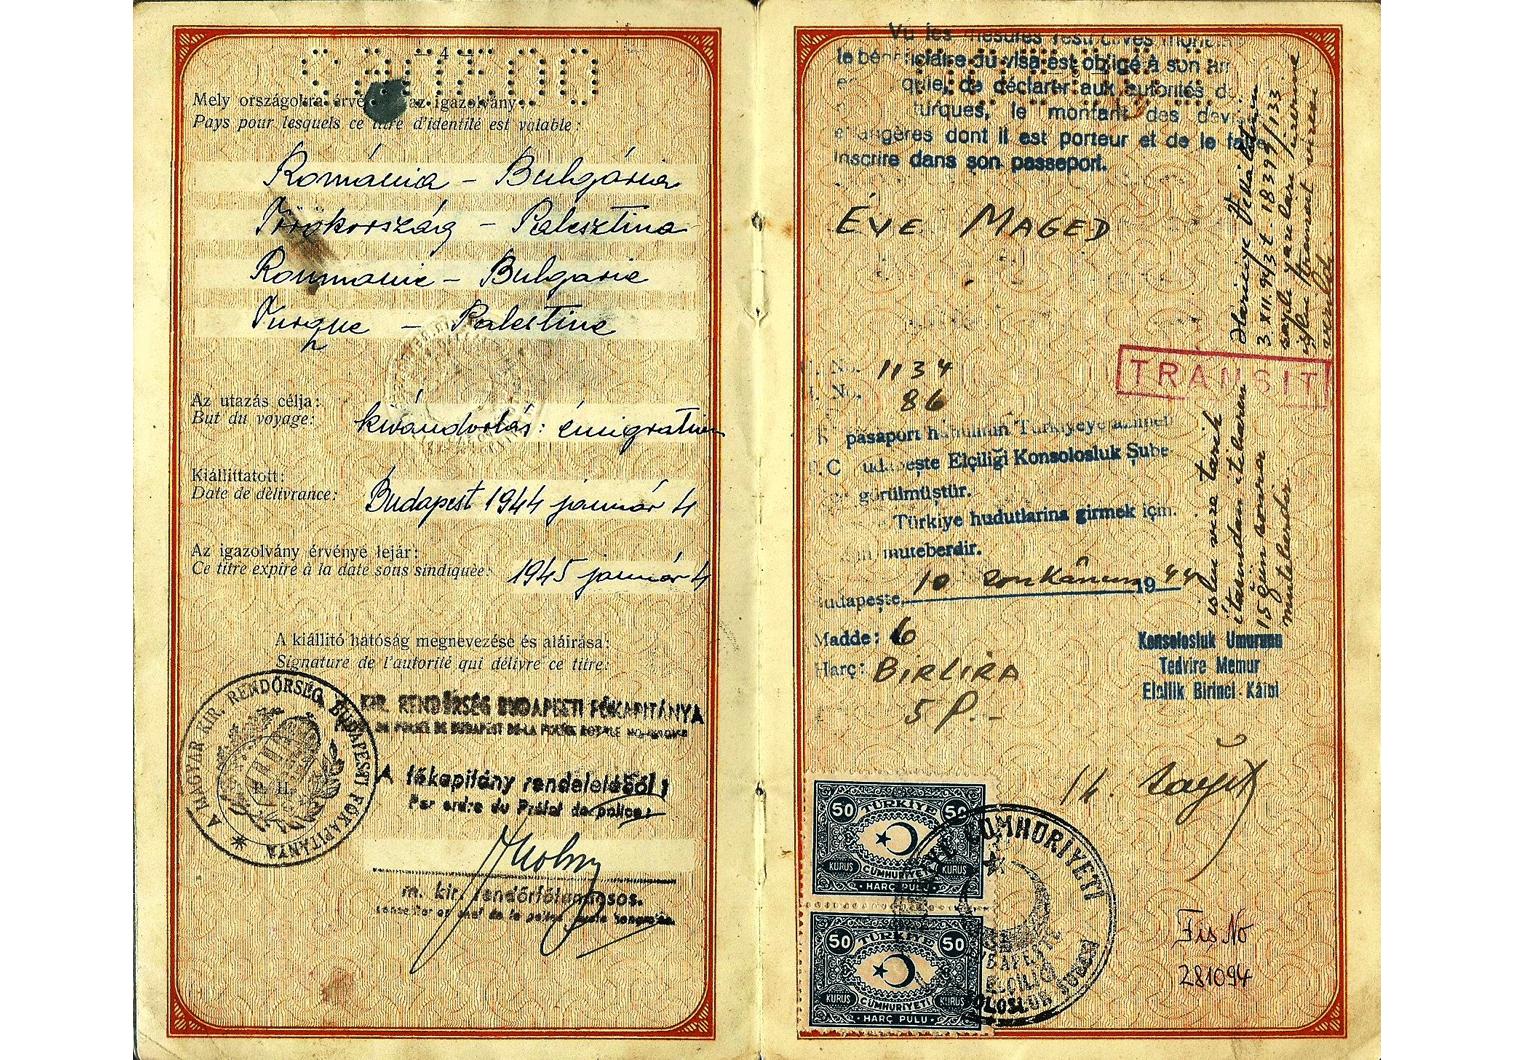 1944 Hungarian passport